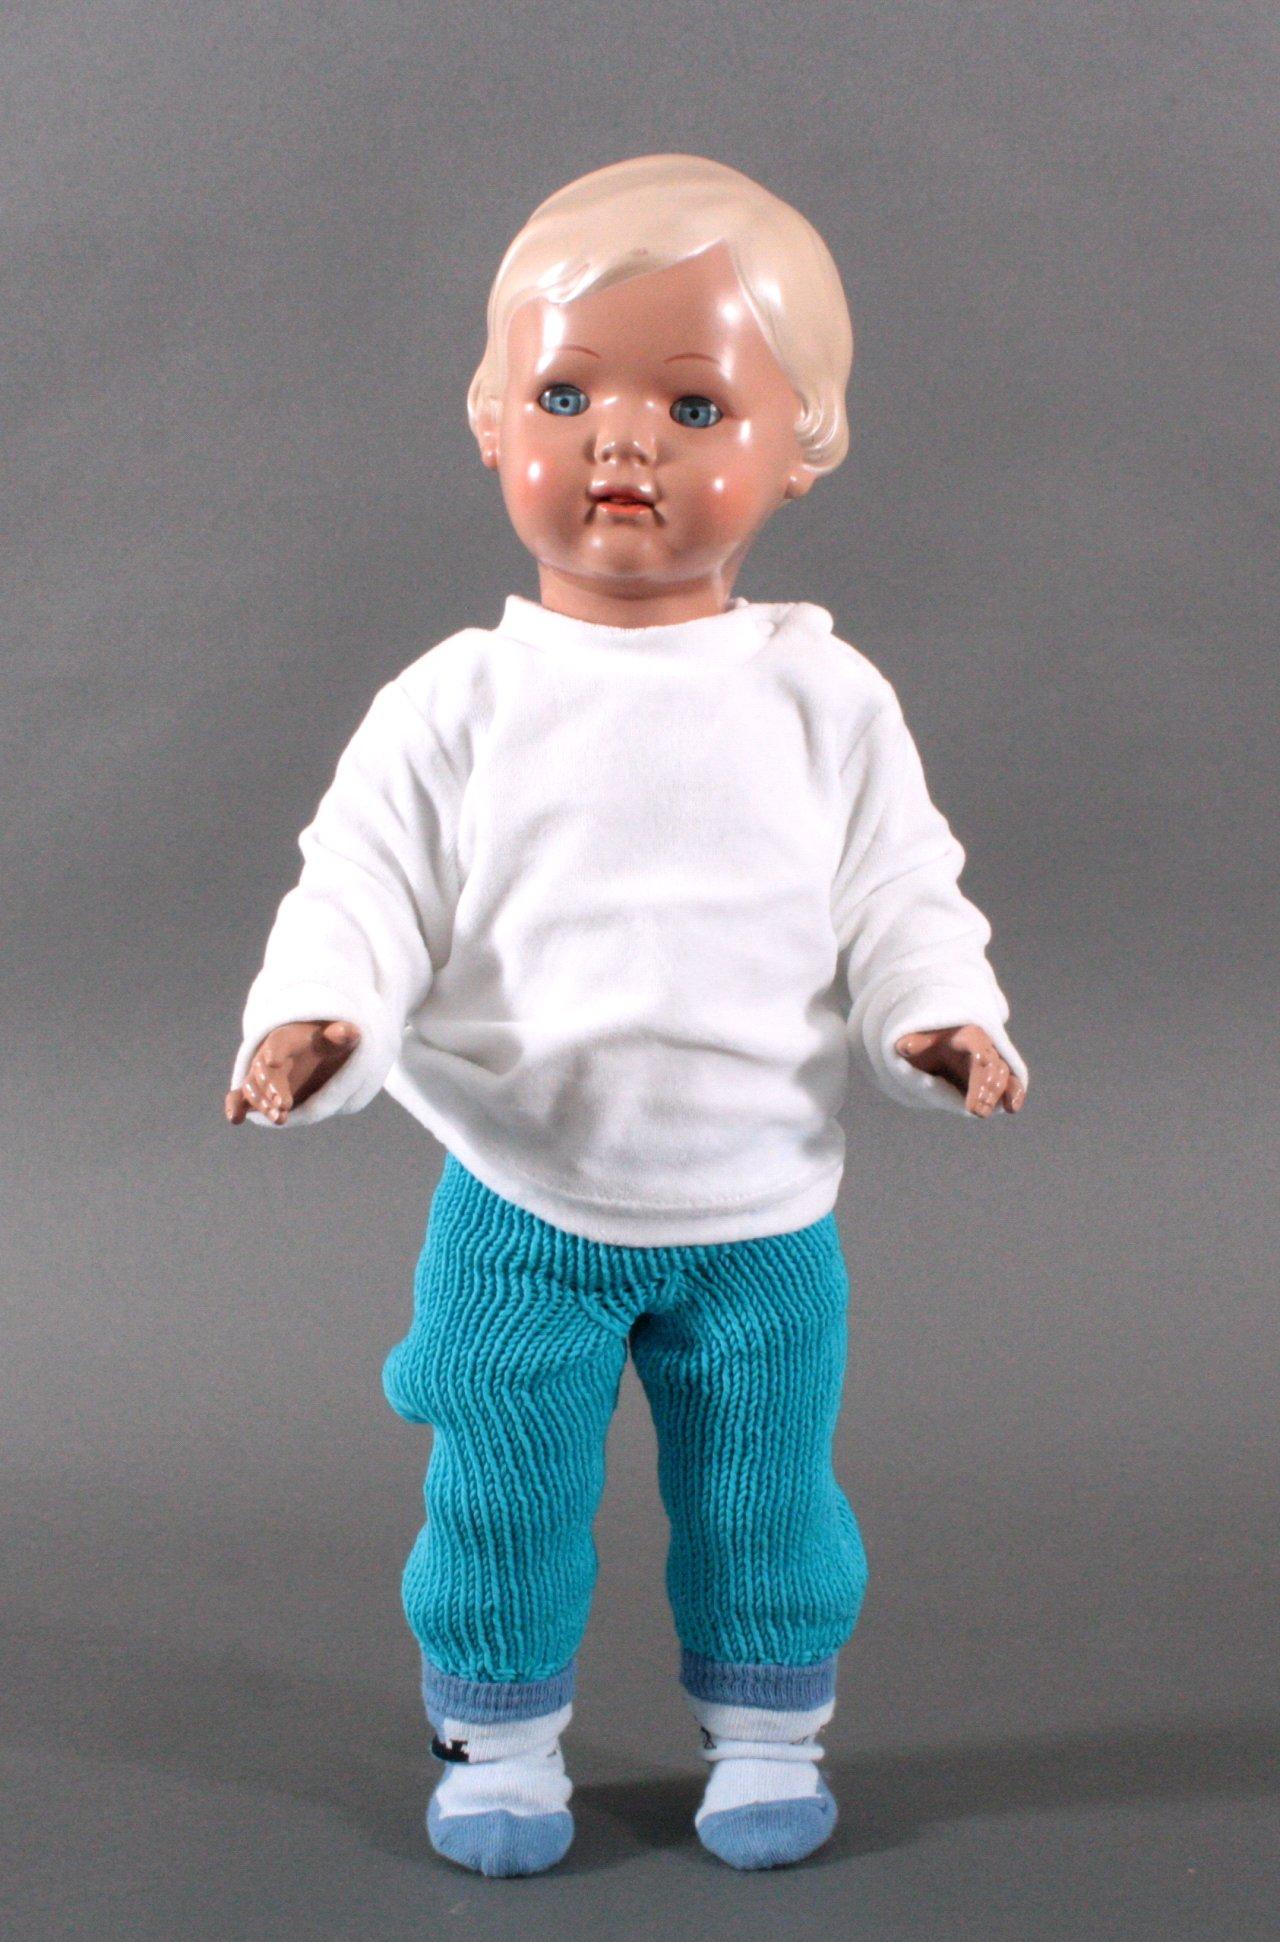 Puppe der Marke Schildkröt aus den sechziger Jahren